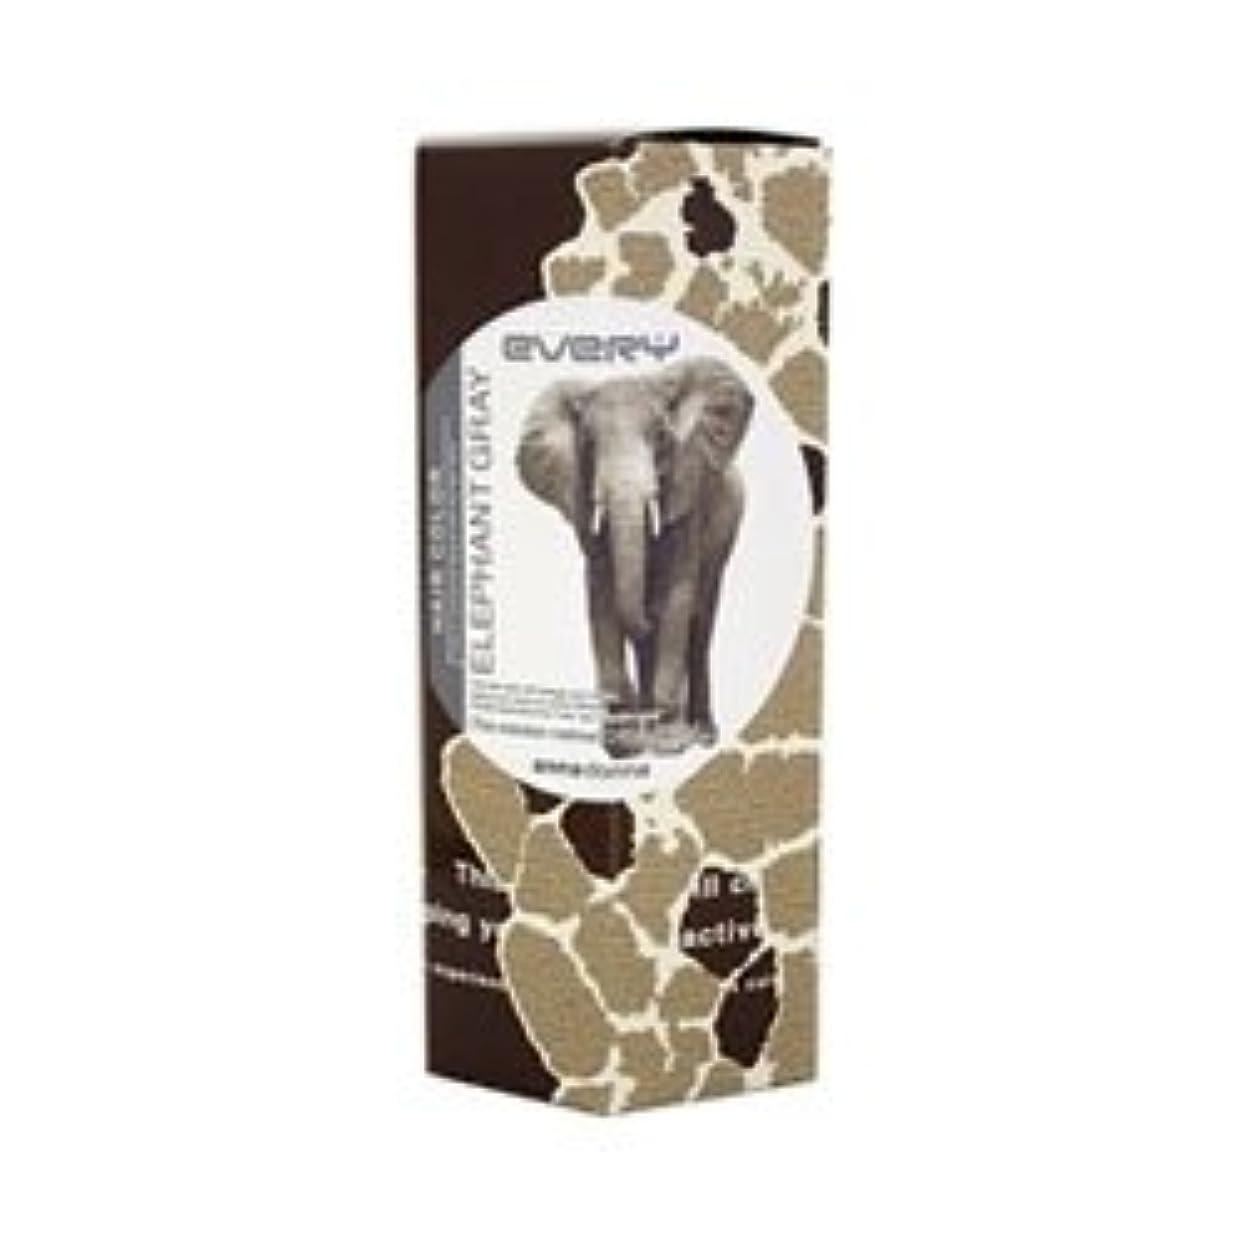 発見する接触子羊【アンナドンナ】エブリ ヘアカラー エレファントグレー 1セット ×20個セット